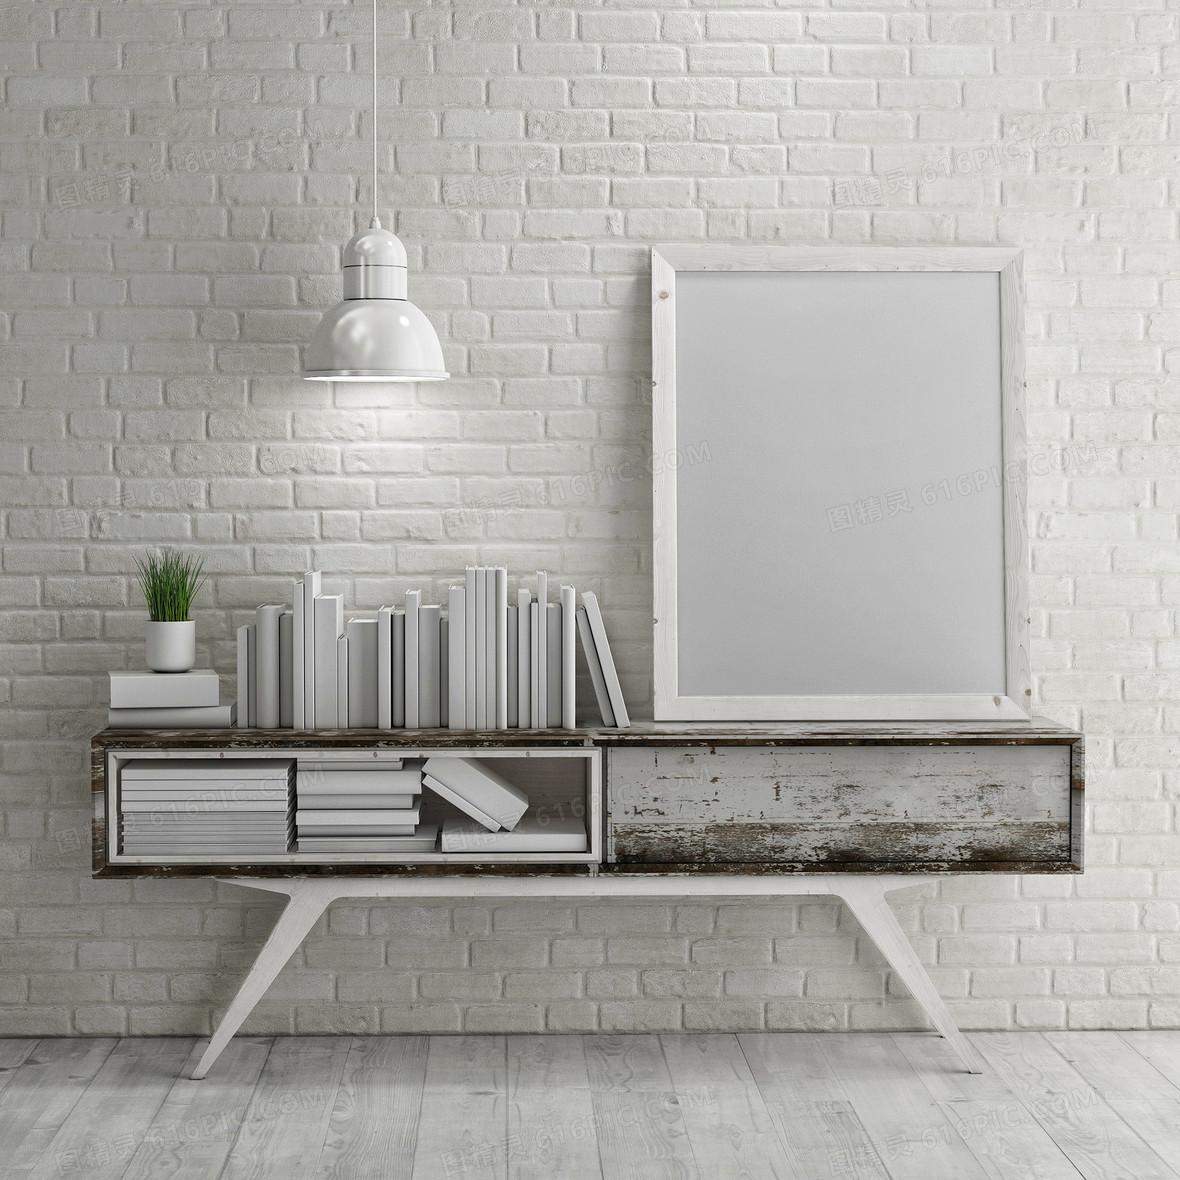 室内家装白色简洁风格书桌背景素材